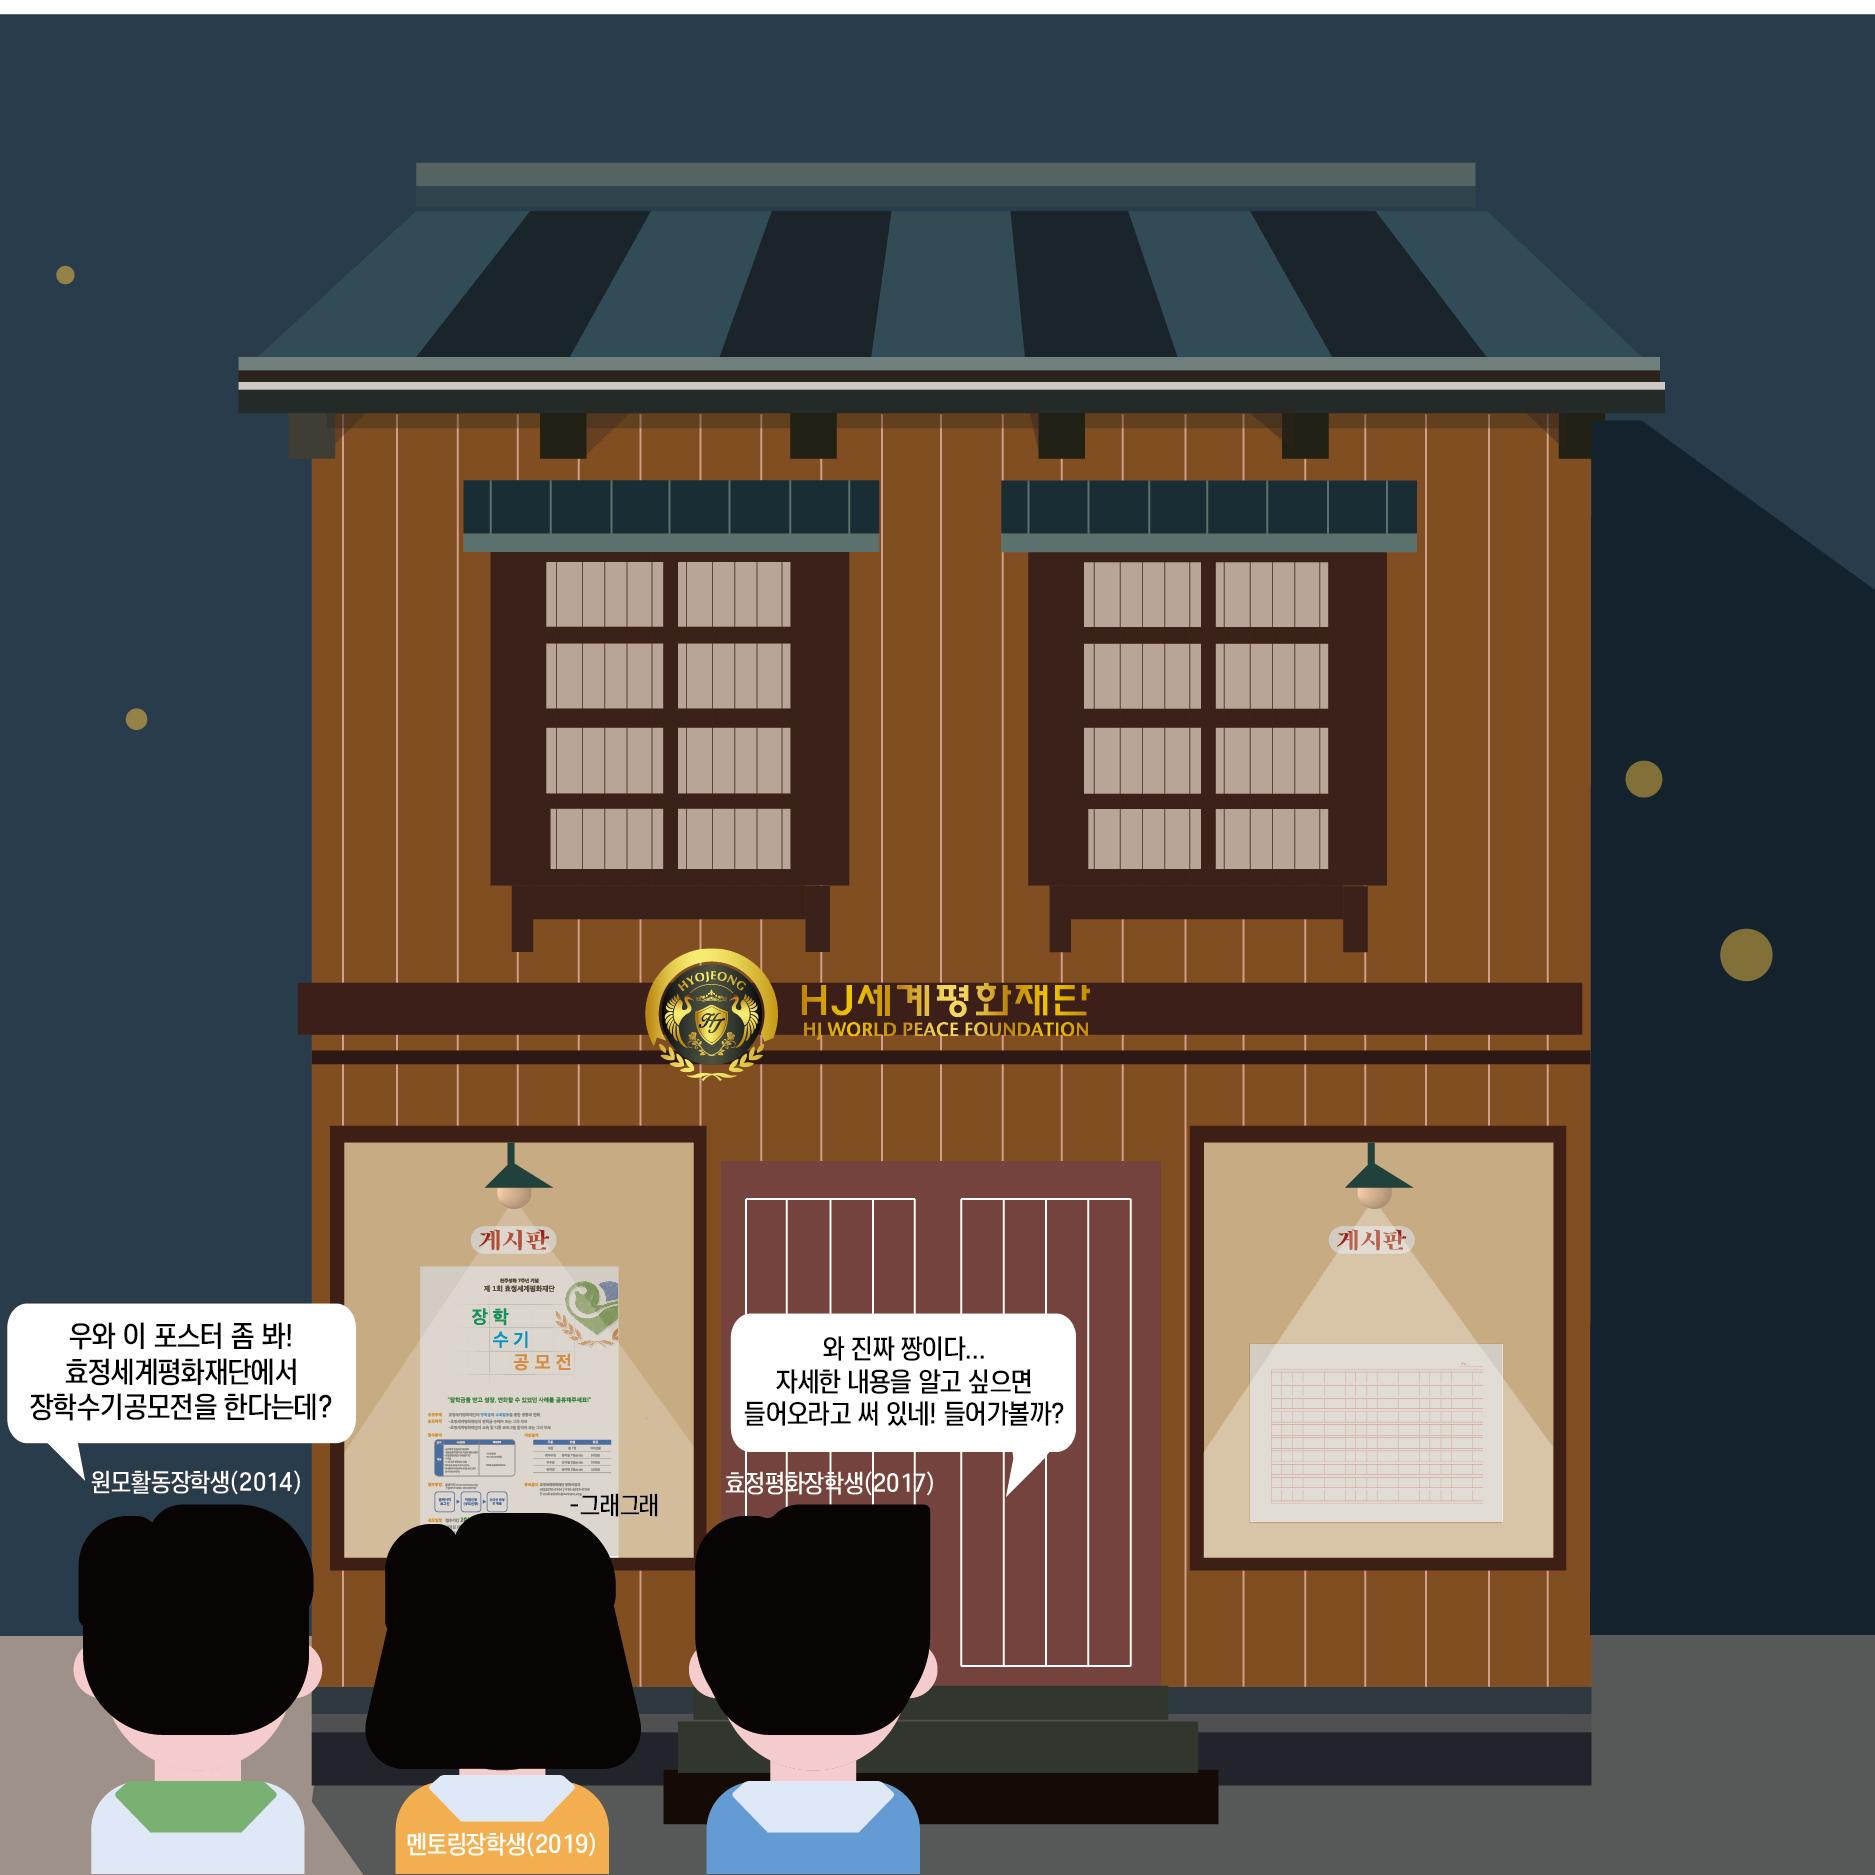 수기카드뉴스만들어보자3-02.jpg